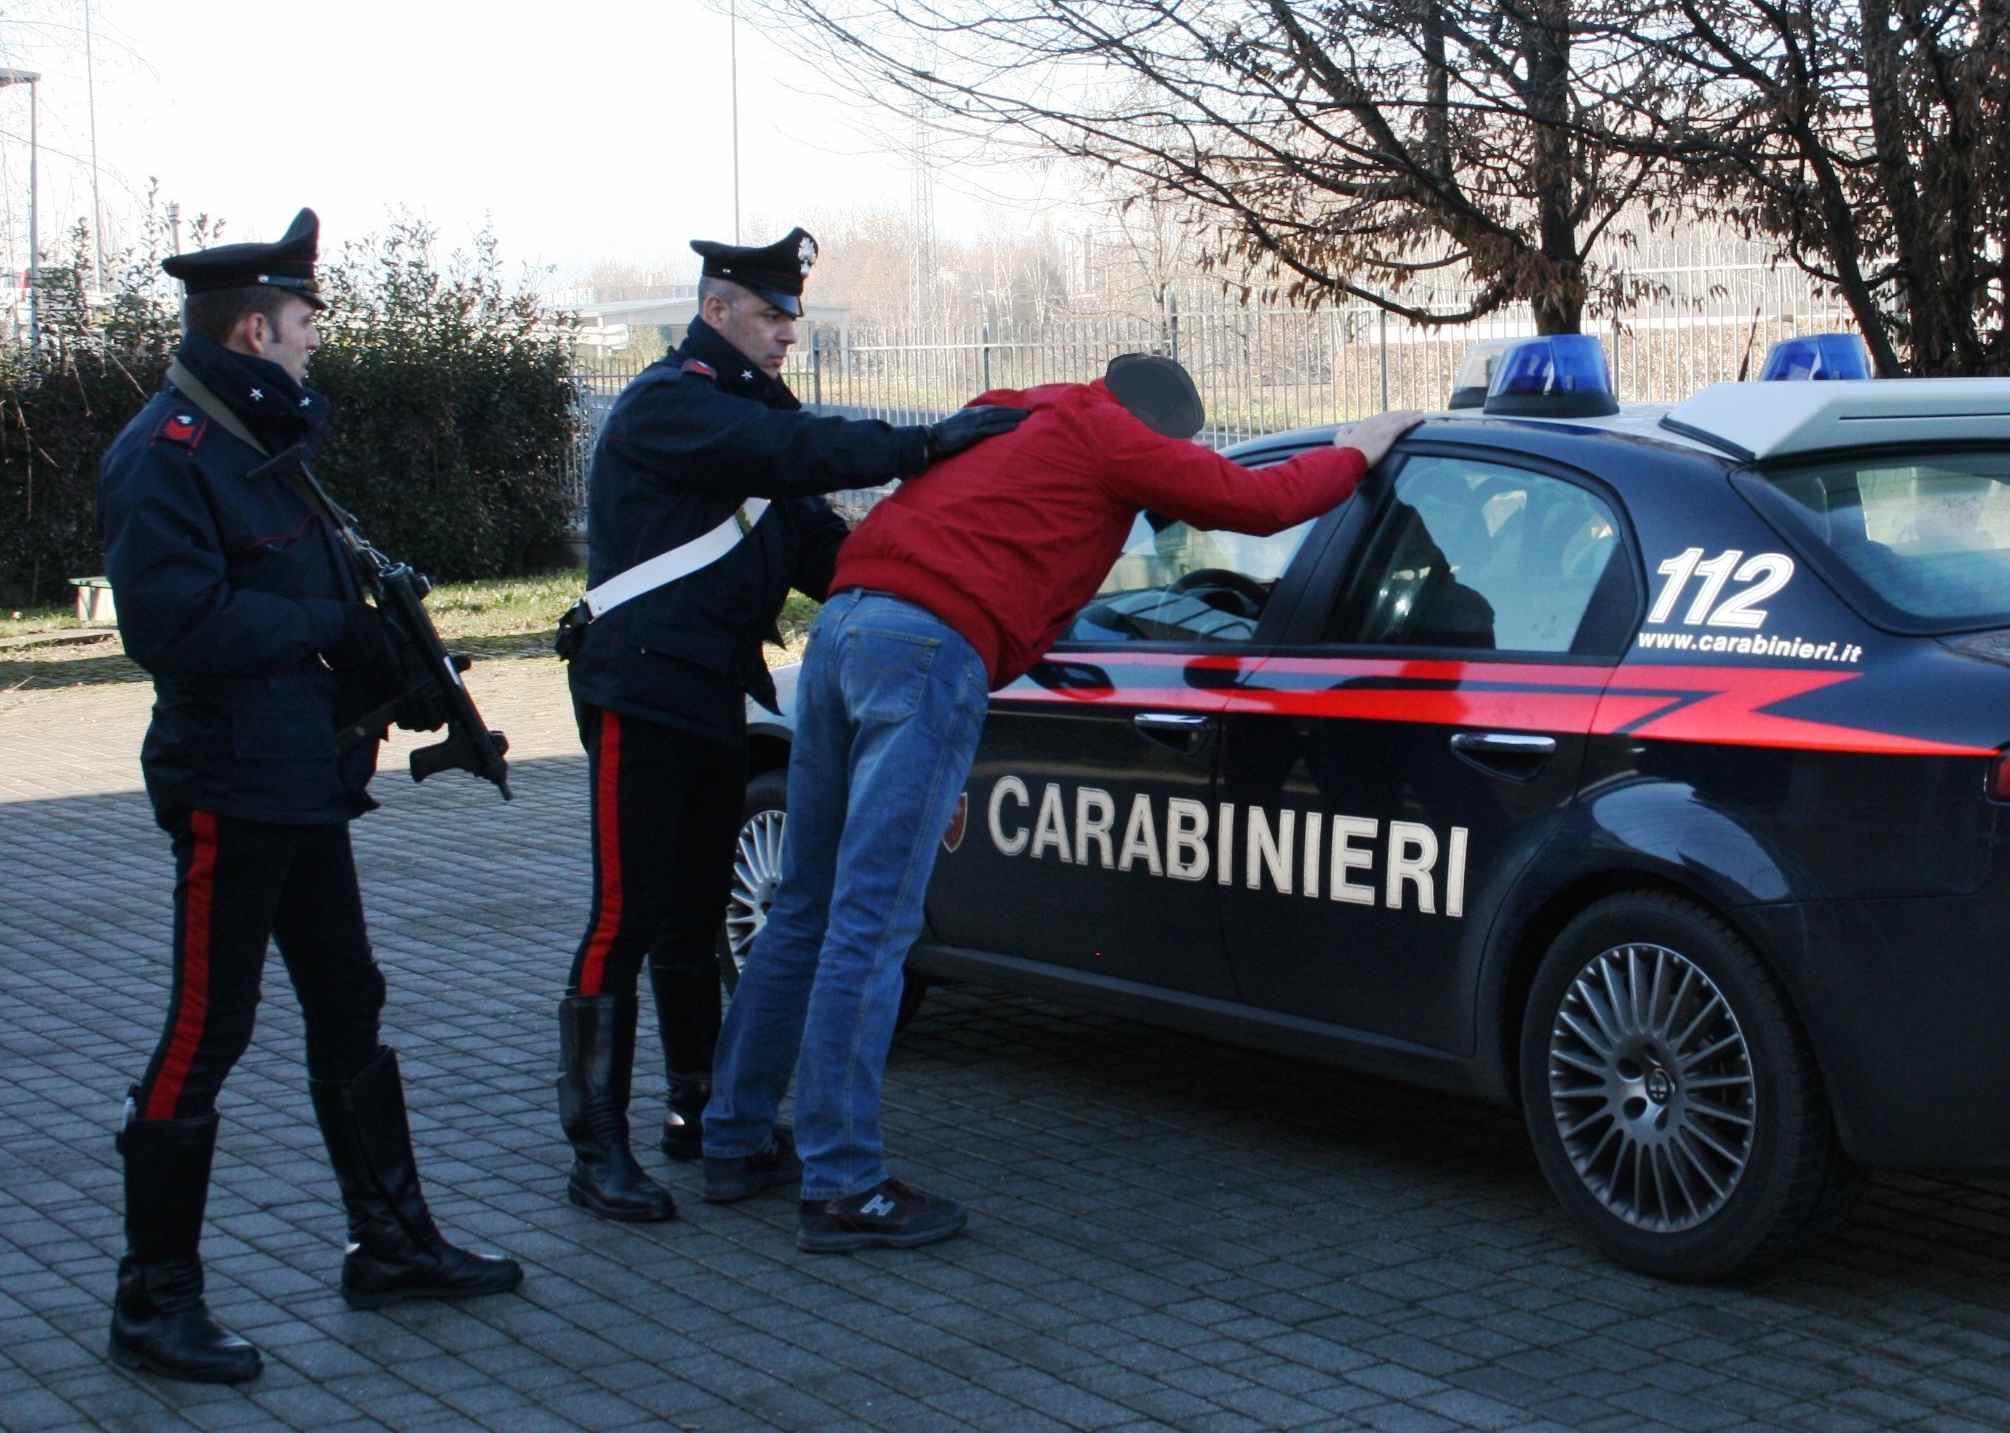 La Guida - Un romeno arrestato per una rapina nel suo Paese